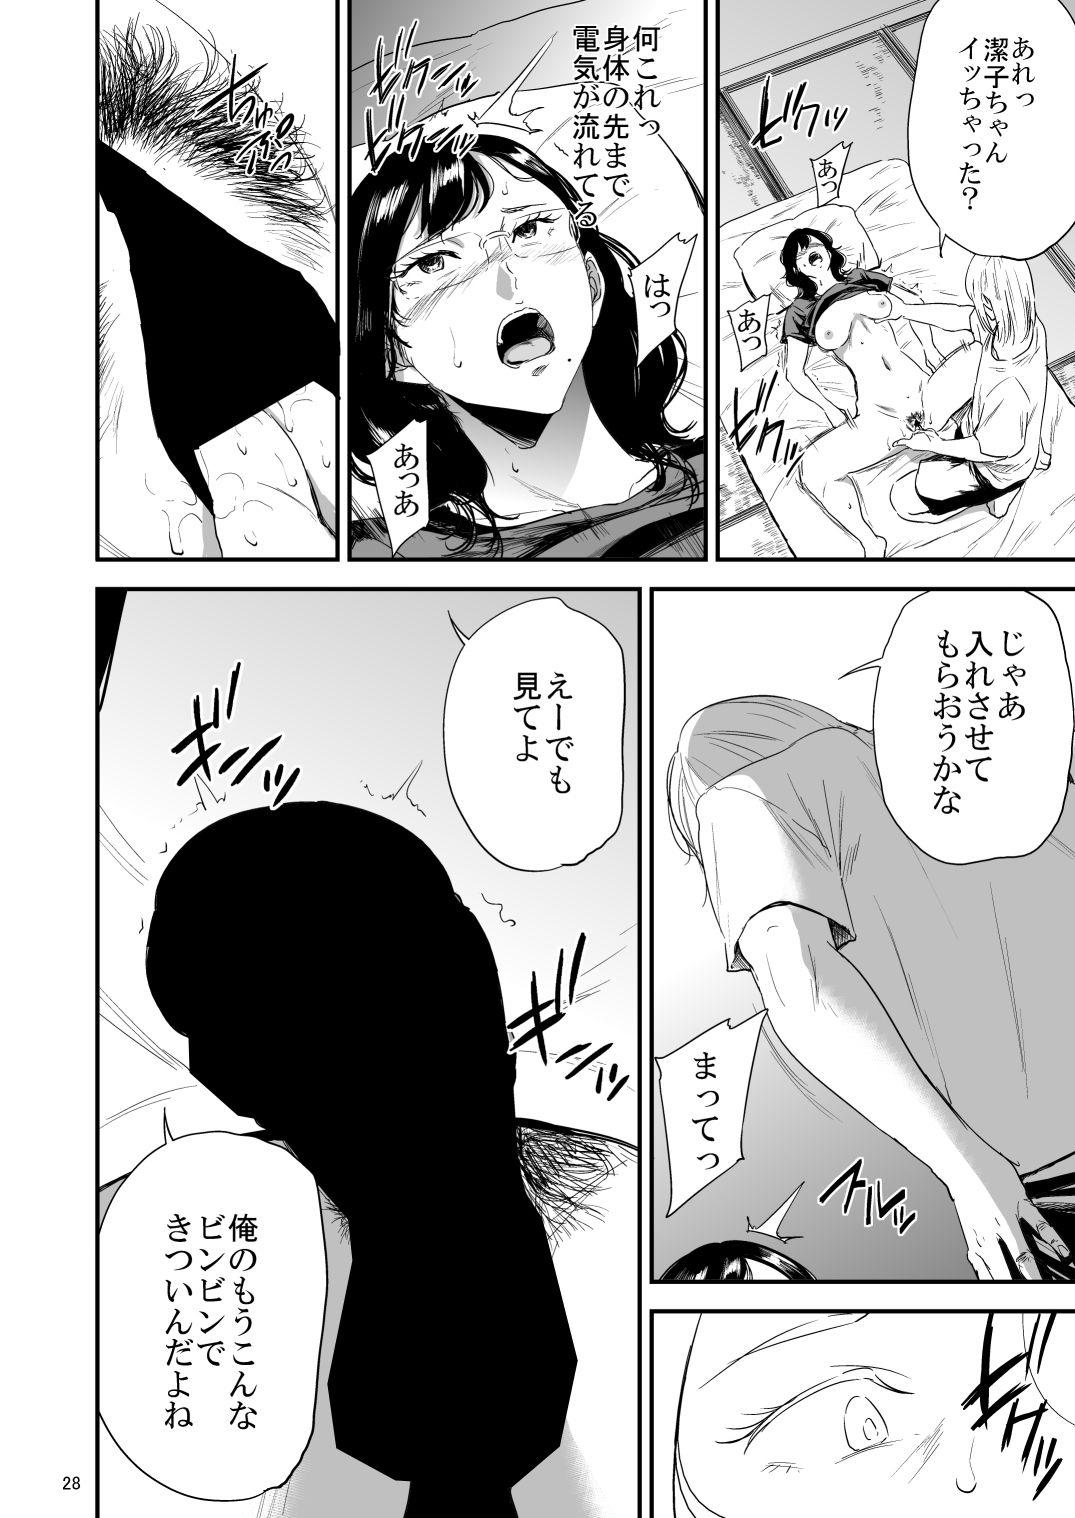 サンプル画像5:冴〇姐さんが大学の同級生に悪戯され弄ばれる本 3(ごしっぷごしっく) [d_196333]